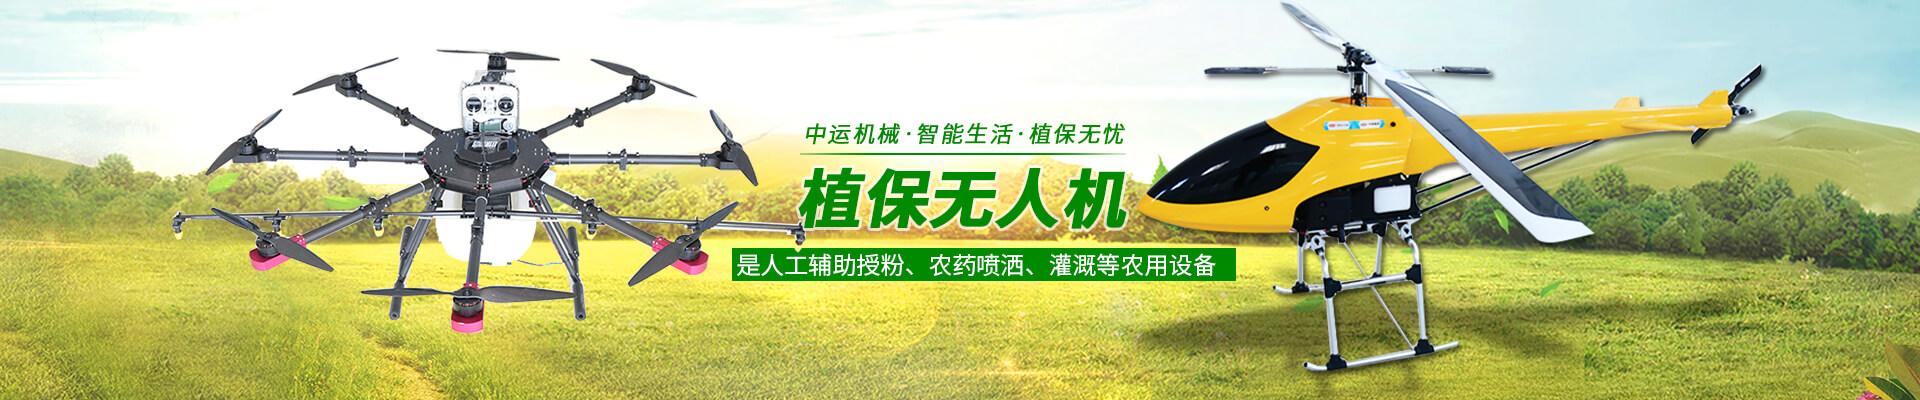 中运智能机械(烟台)股份有限公司